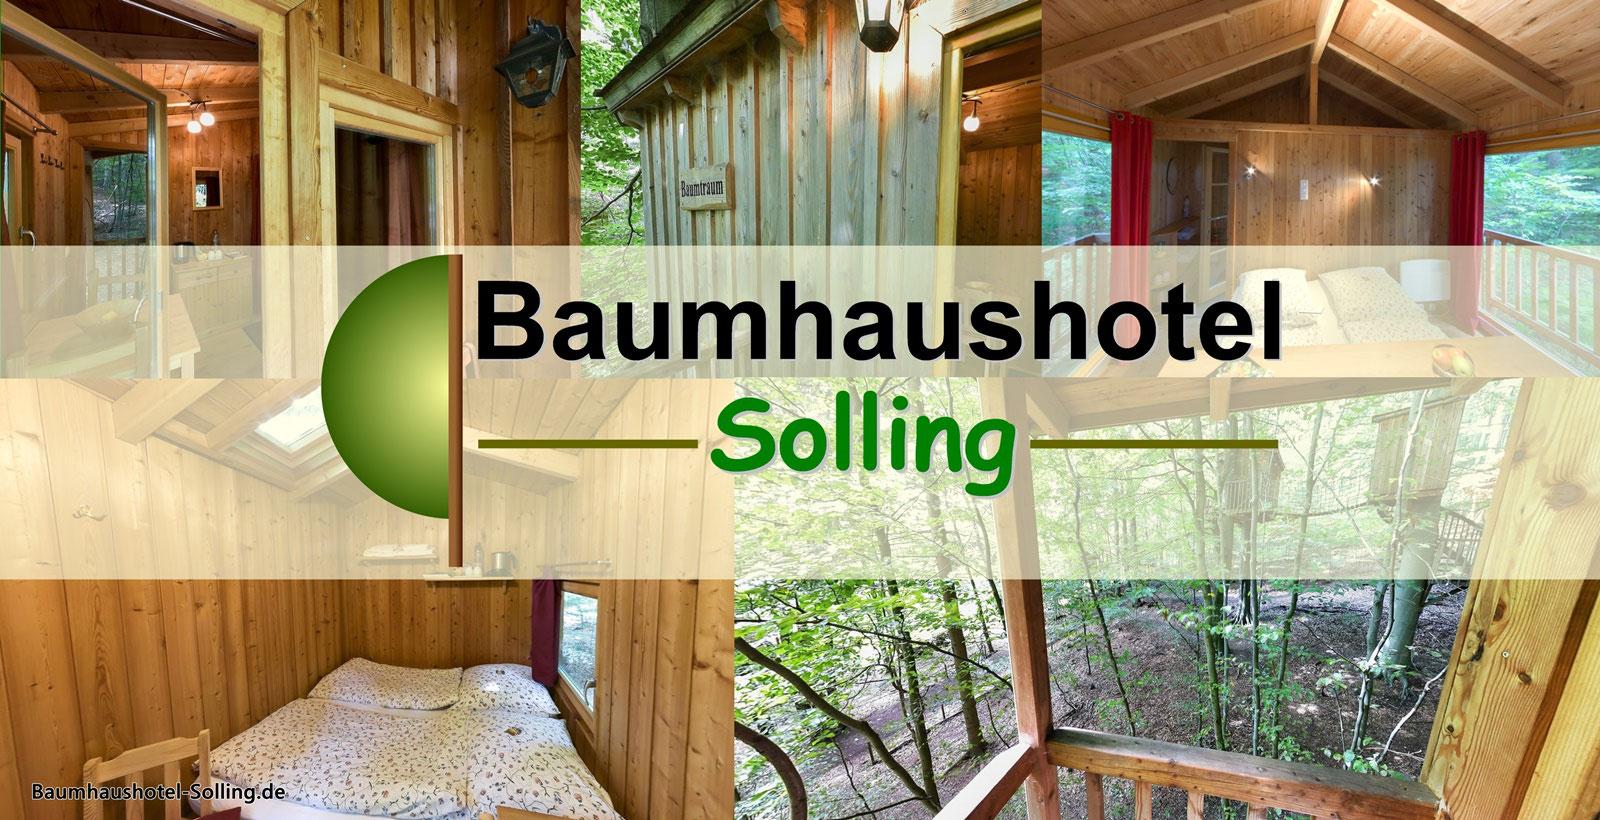 kalender 2018 baumhaushotel solling. Black Bedroom Furniture Sets. Home Design Ideas